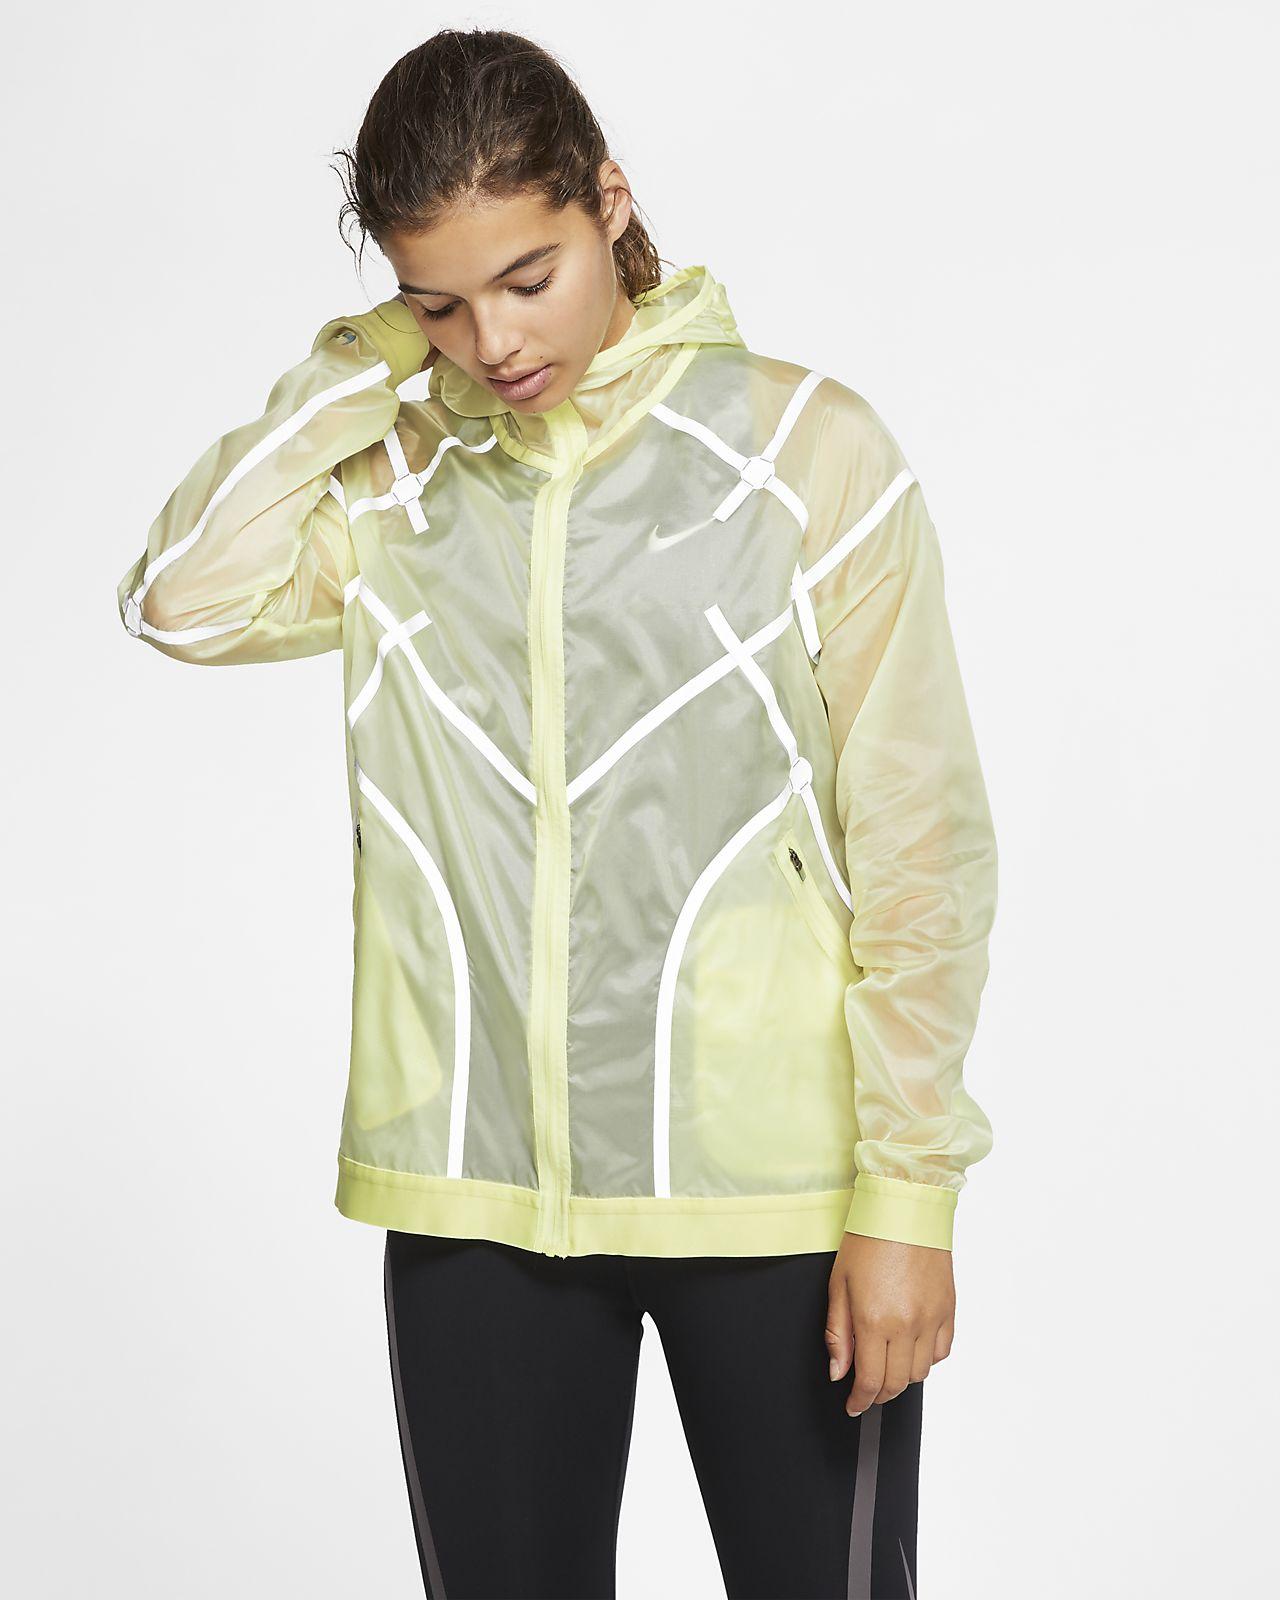 Dámská běžecká bunda Nike City Ready s kapucí